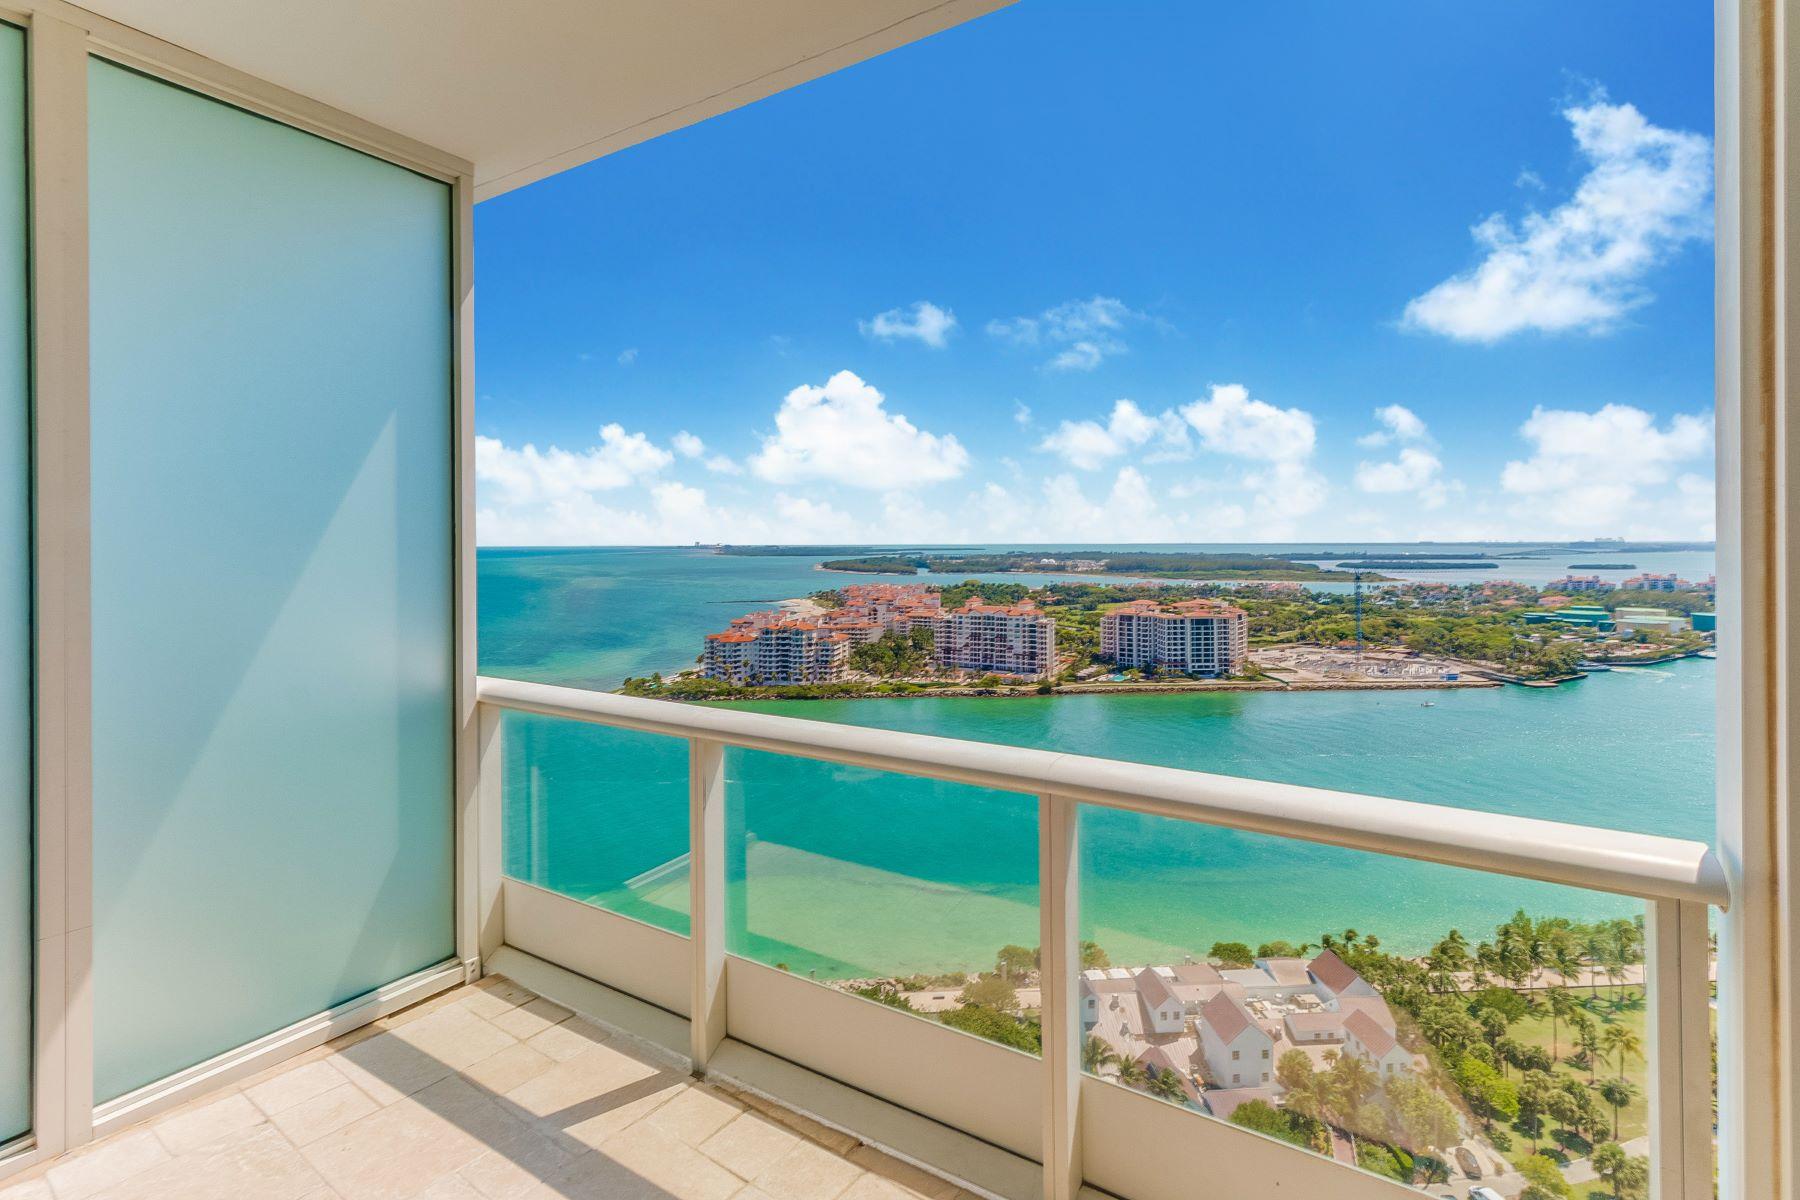 Кондоминиум для того Продажа на 100 S Pointe Dr #2703 100 SPointe Dr 2703 Miami Beach, Флорида, 33139 Соединенные Штаты